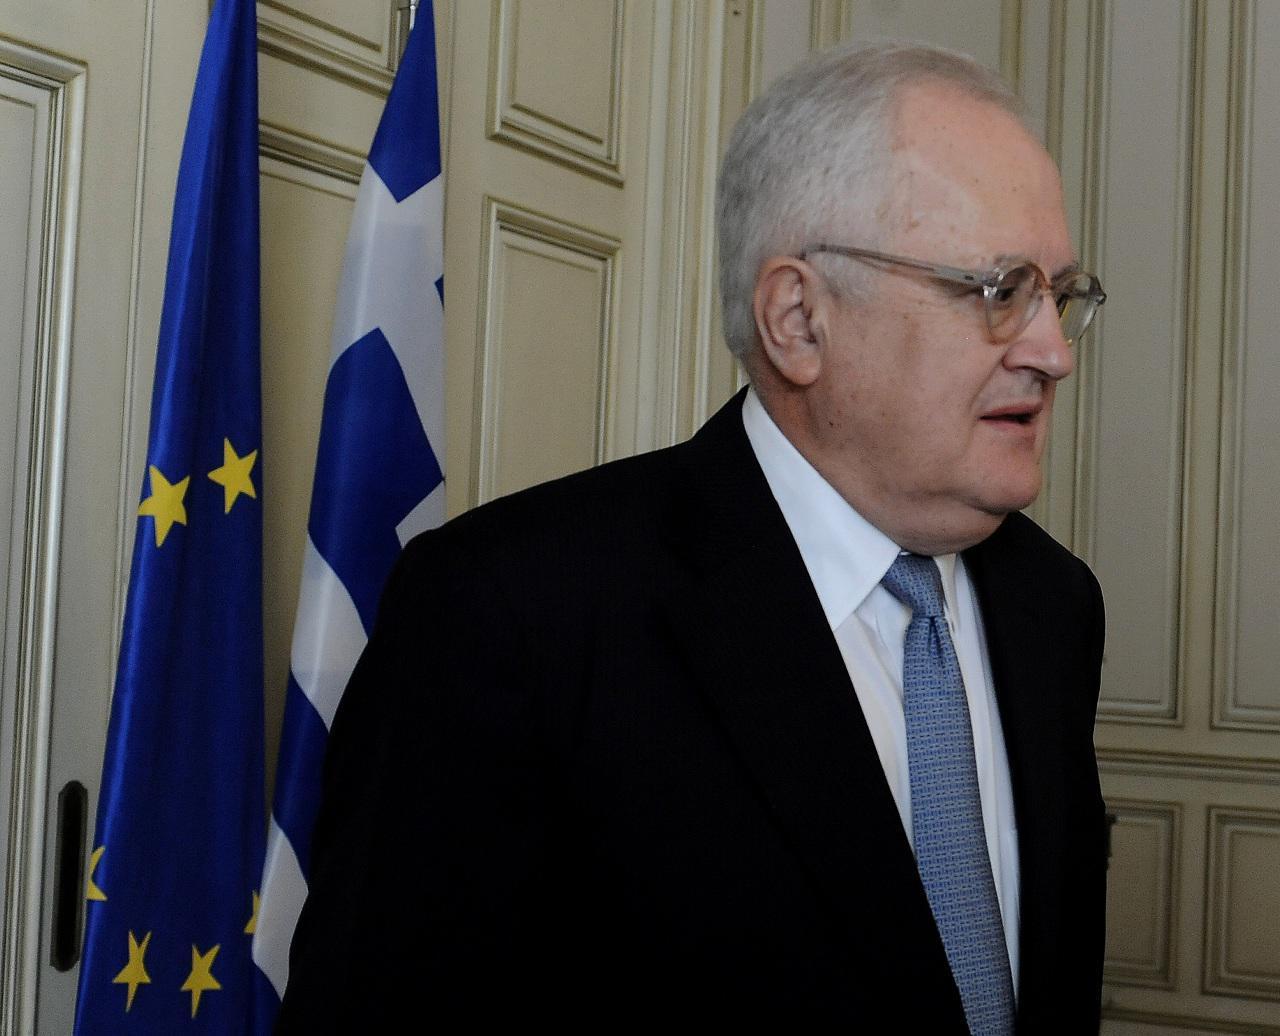 Γιώργος Χαντζηνικολάου, πρόεδρος του διοικητικού συμβουλίου της Τράπεζας Πειραιώς